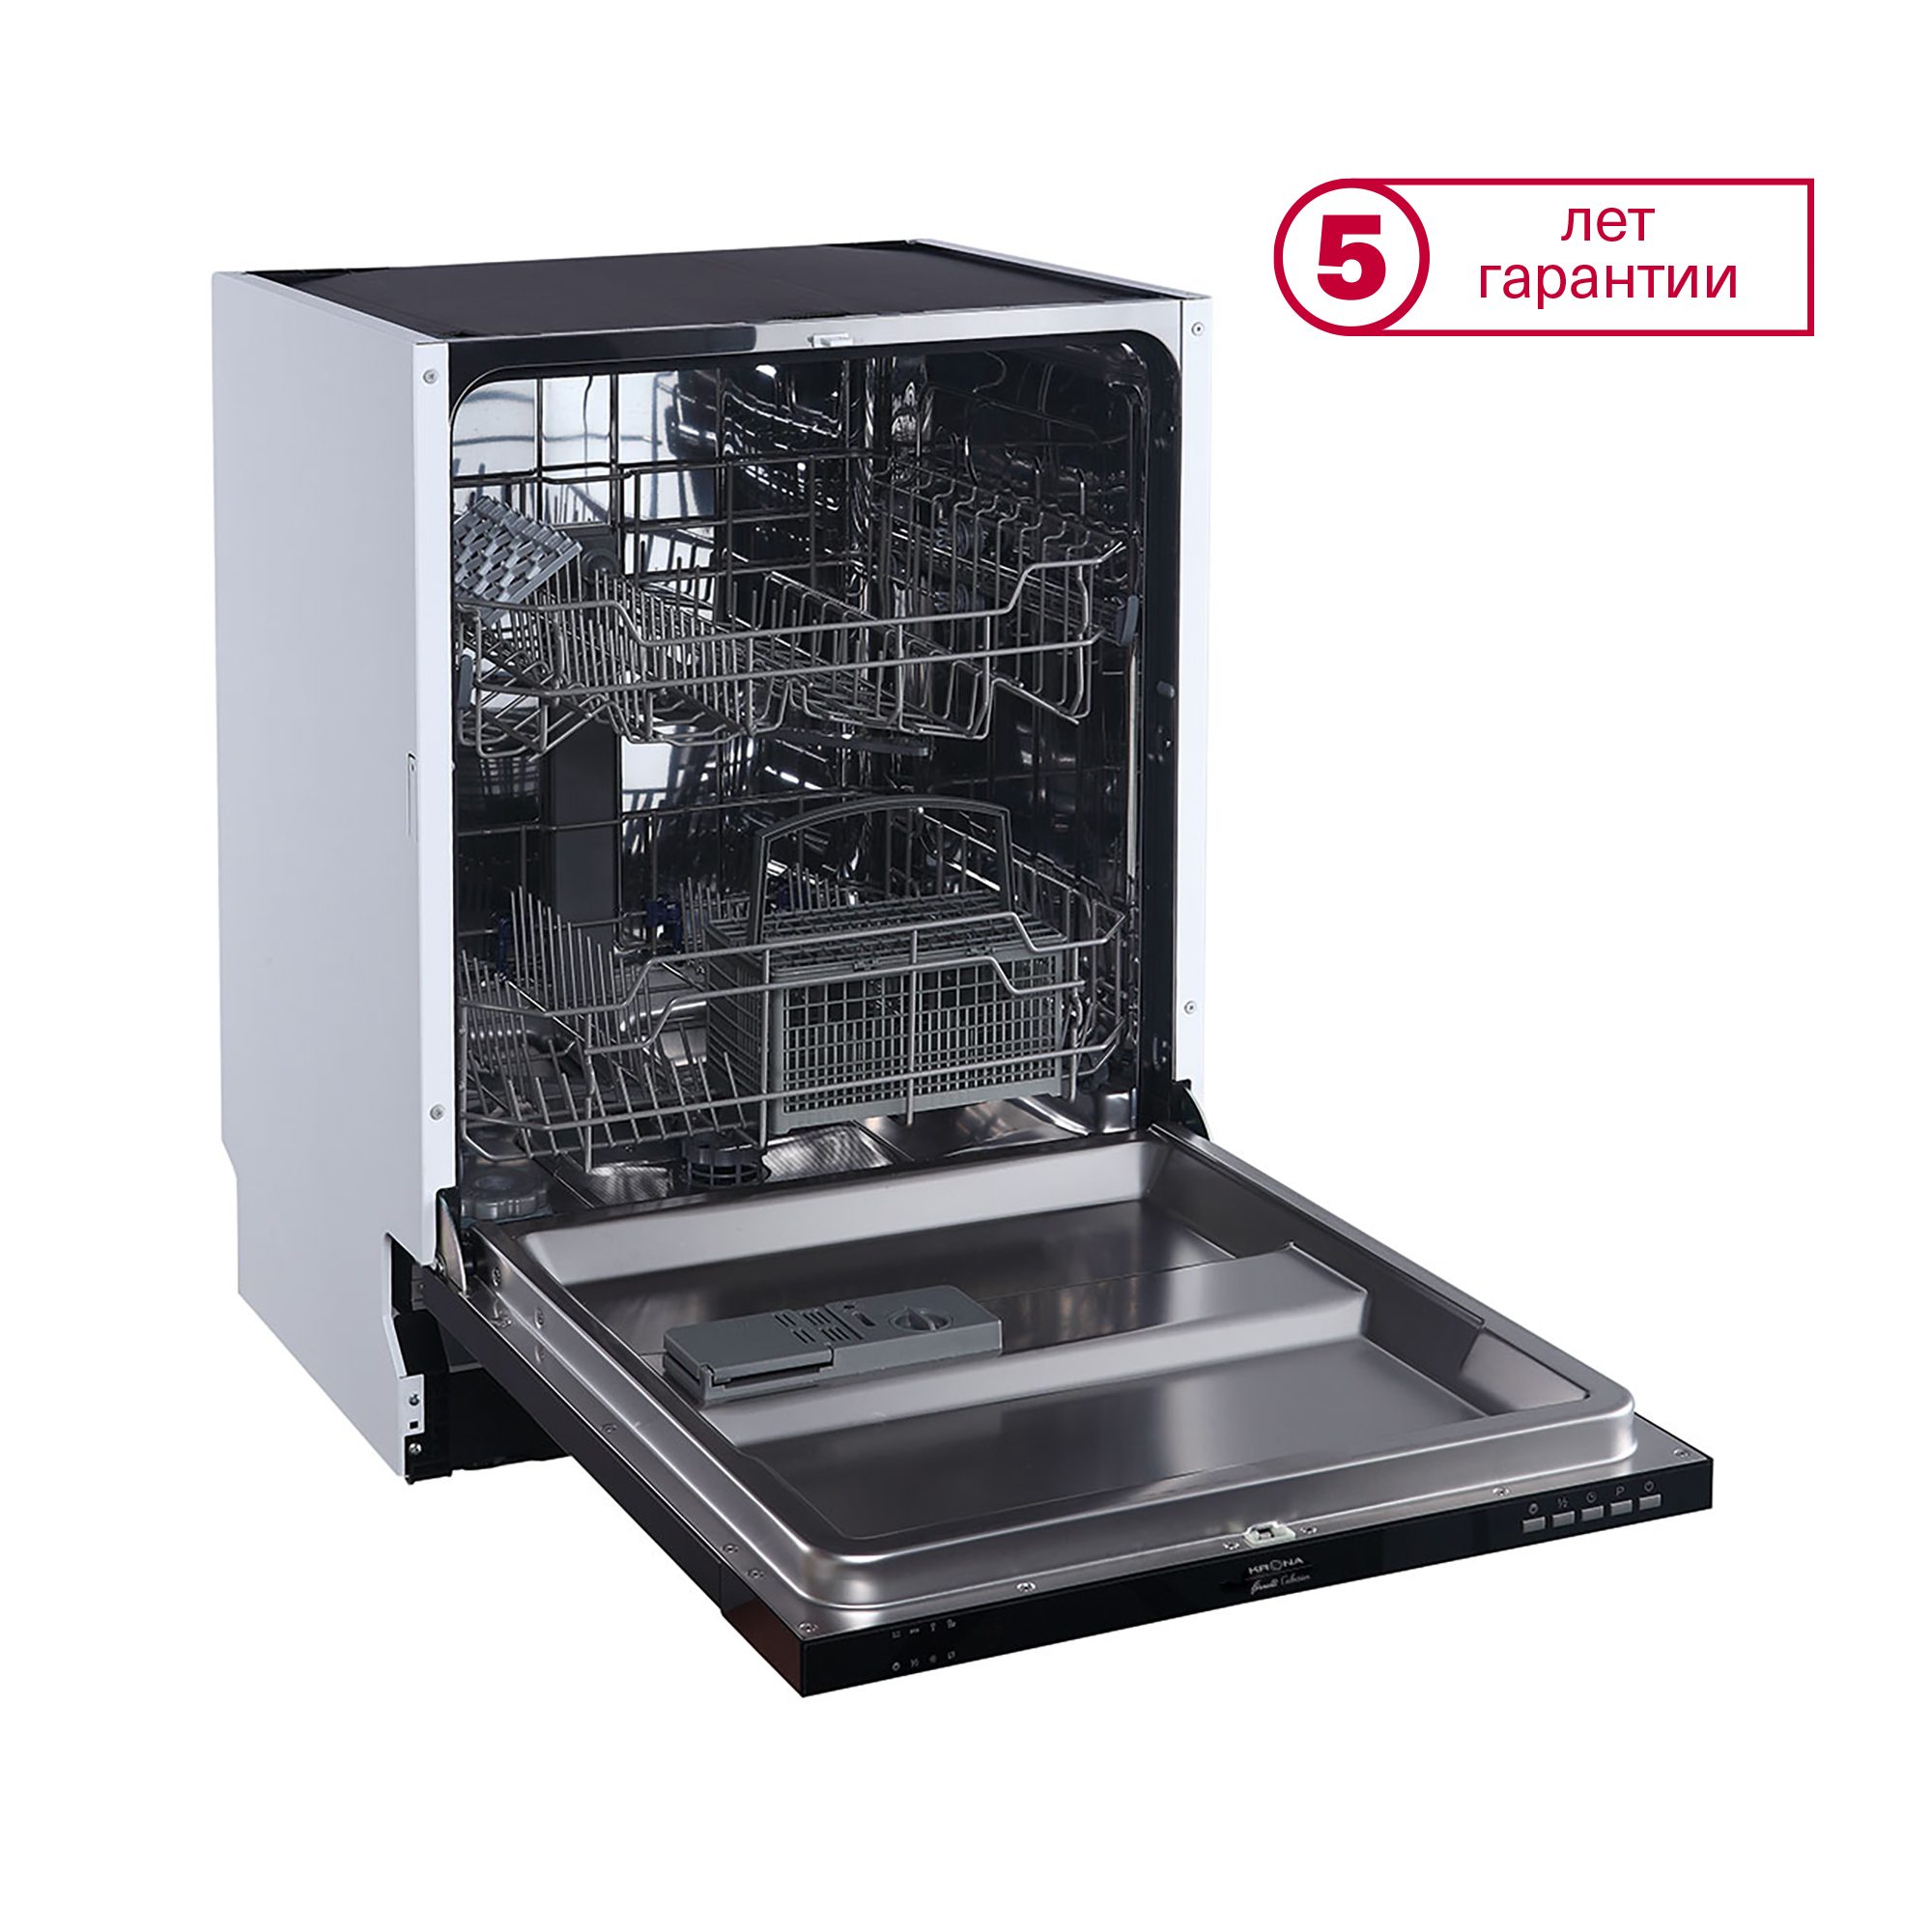 Встраиваемая посудомоечная машина 60 см Krona DELIA 60 BI фото